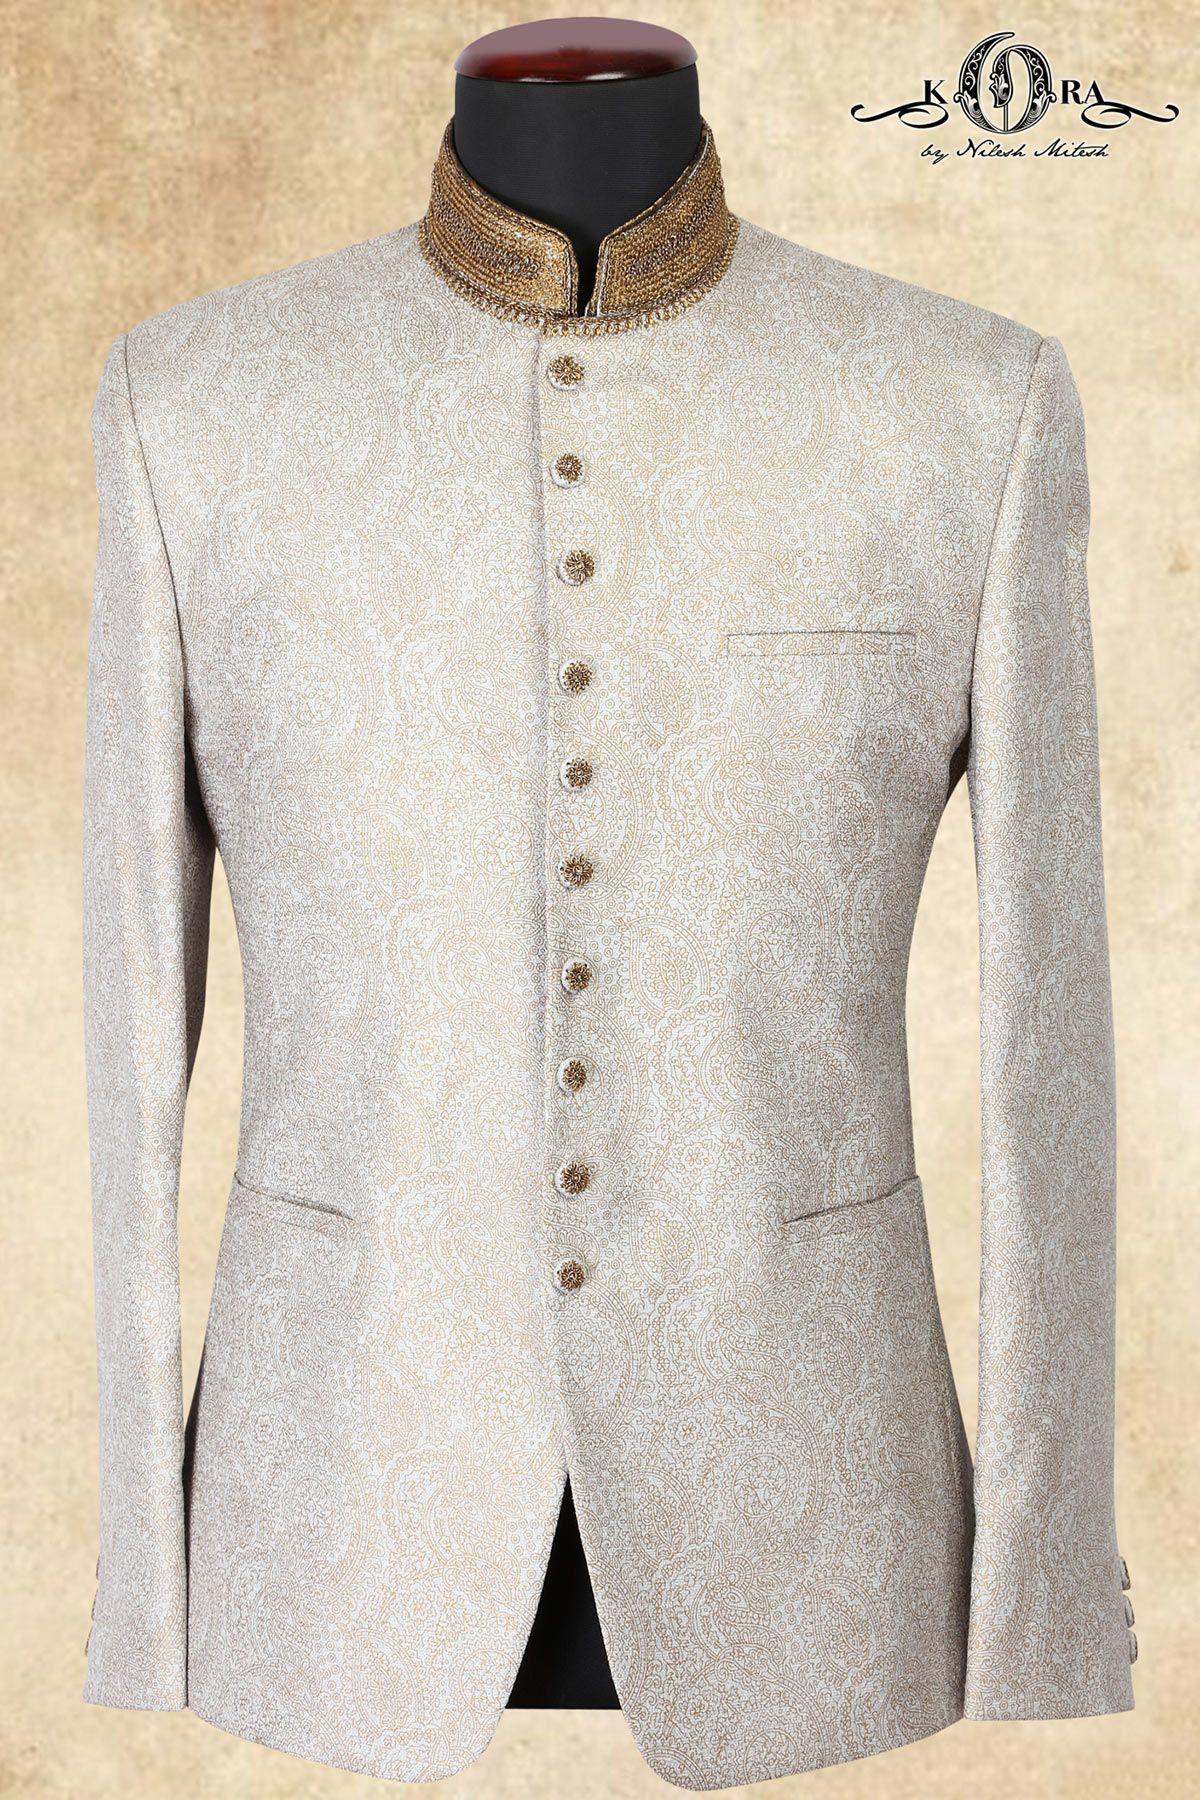 34dc867c76 Buy Off White Jute Zari Embroidered Jodhpuri Suits Online Samyakk Bangalore.  Off White Jute Zari Embroidered Jodhpuri Suits-ST666